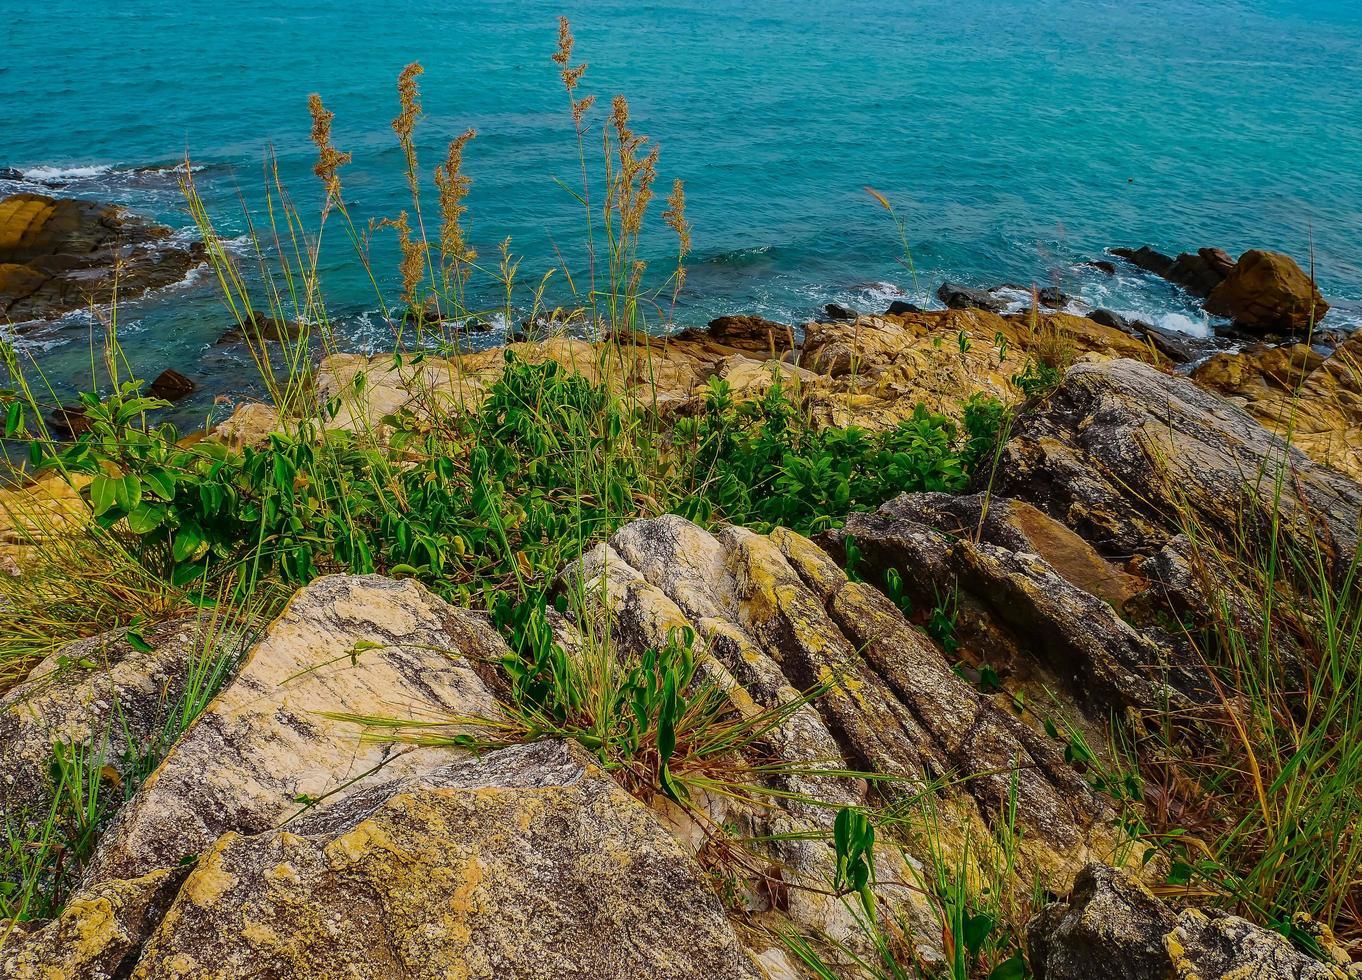 gras op rotsen naast de oceaan foto